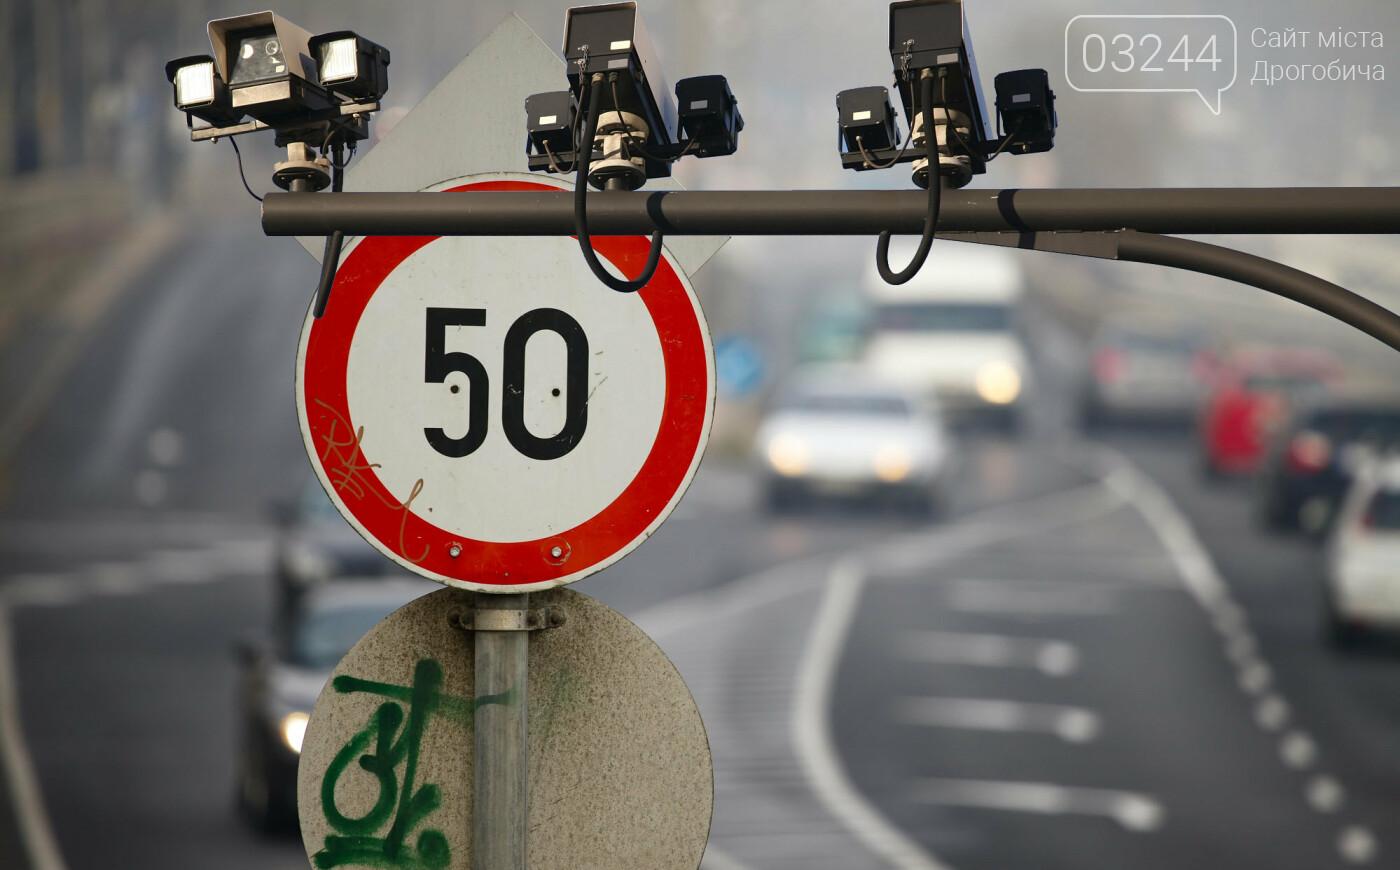 Автофіксація на дорогах Львівщини у дії – до кінця року планують встановити ще 220 приладів по всій Україні  , фото-1